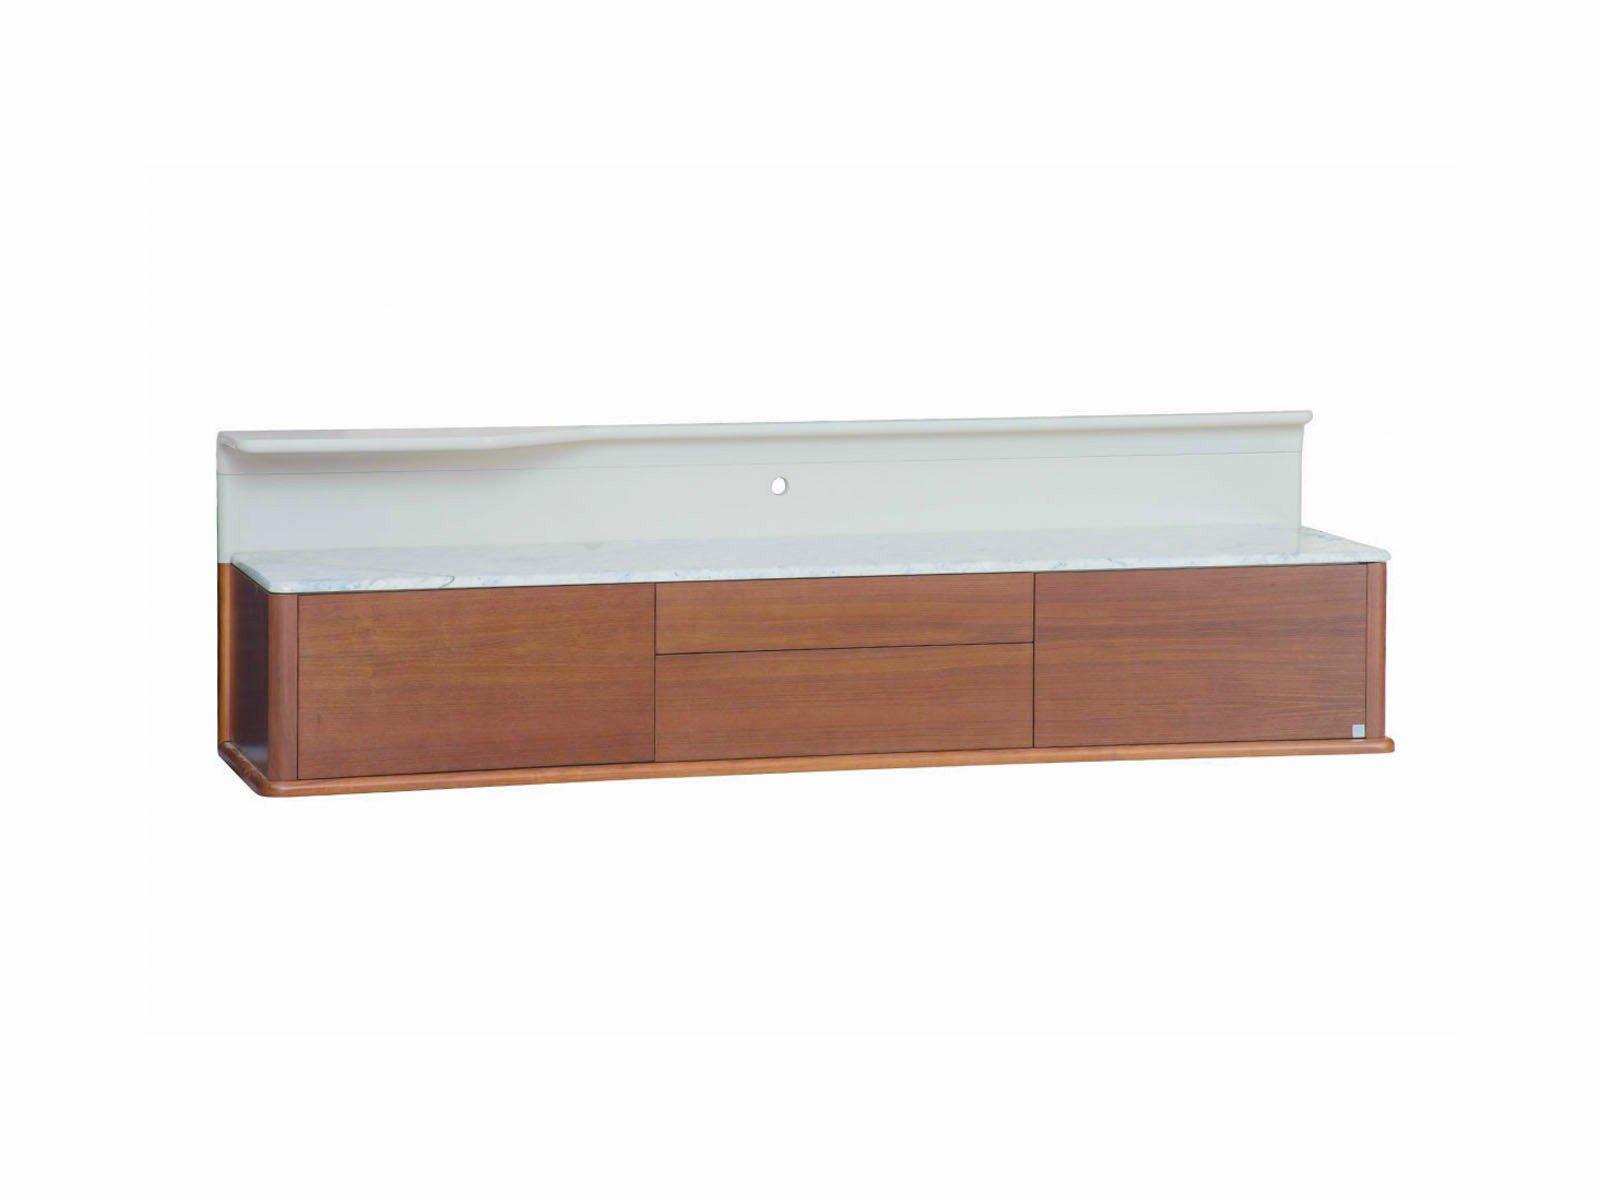 Kệ để Tivi bằng gỗ phòng khách nhập khẩu cao cấp KT1903-22